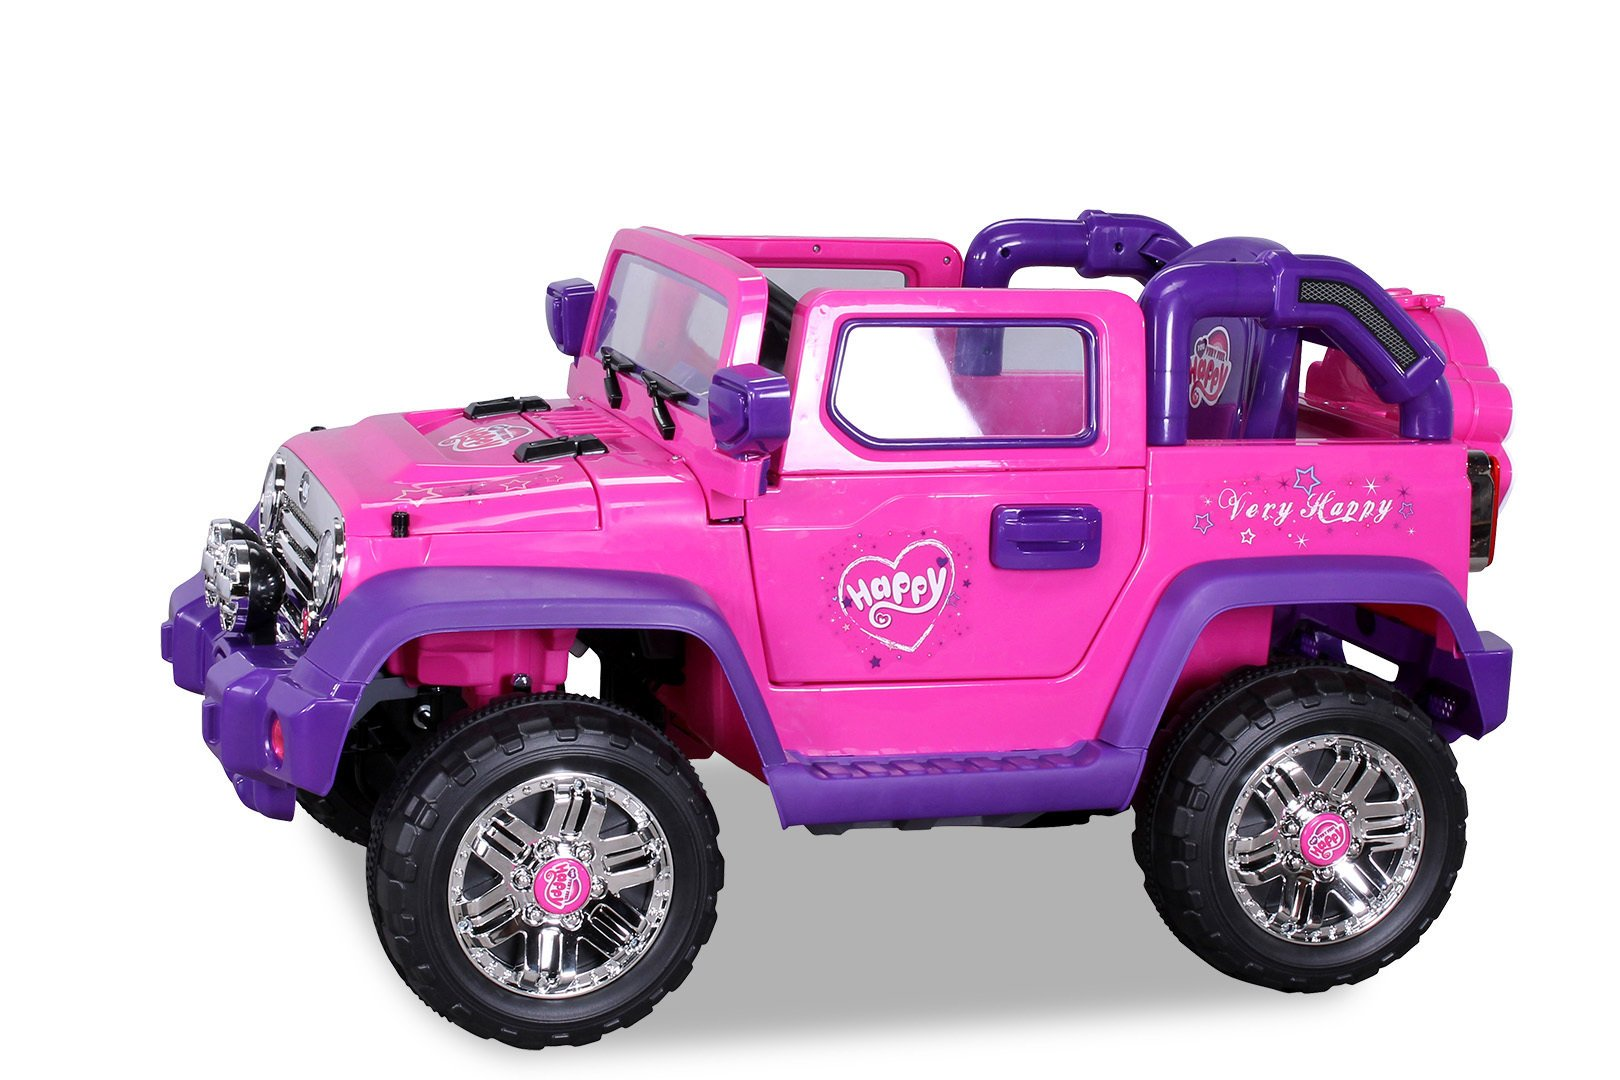 Coche electrico para niños Jeep Wrangler Style Rosa visto desde arriba